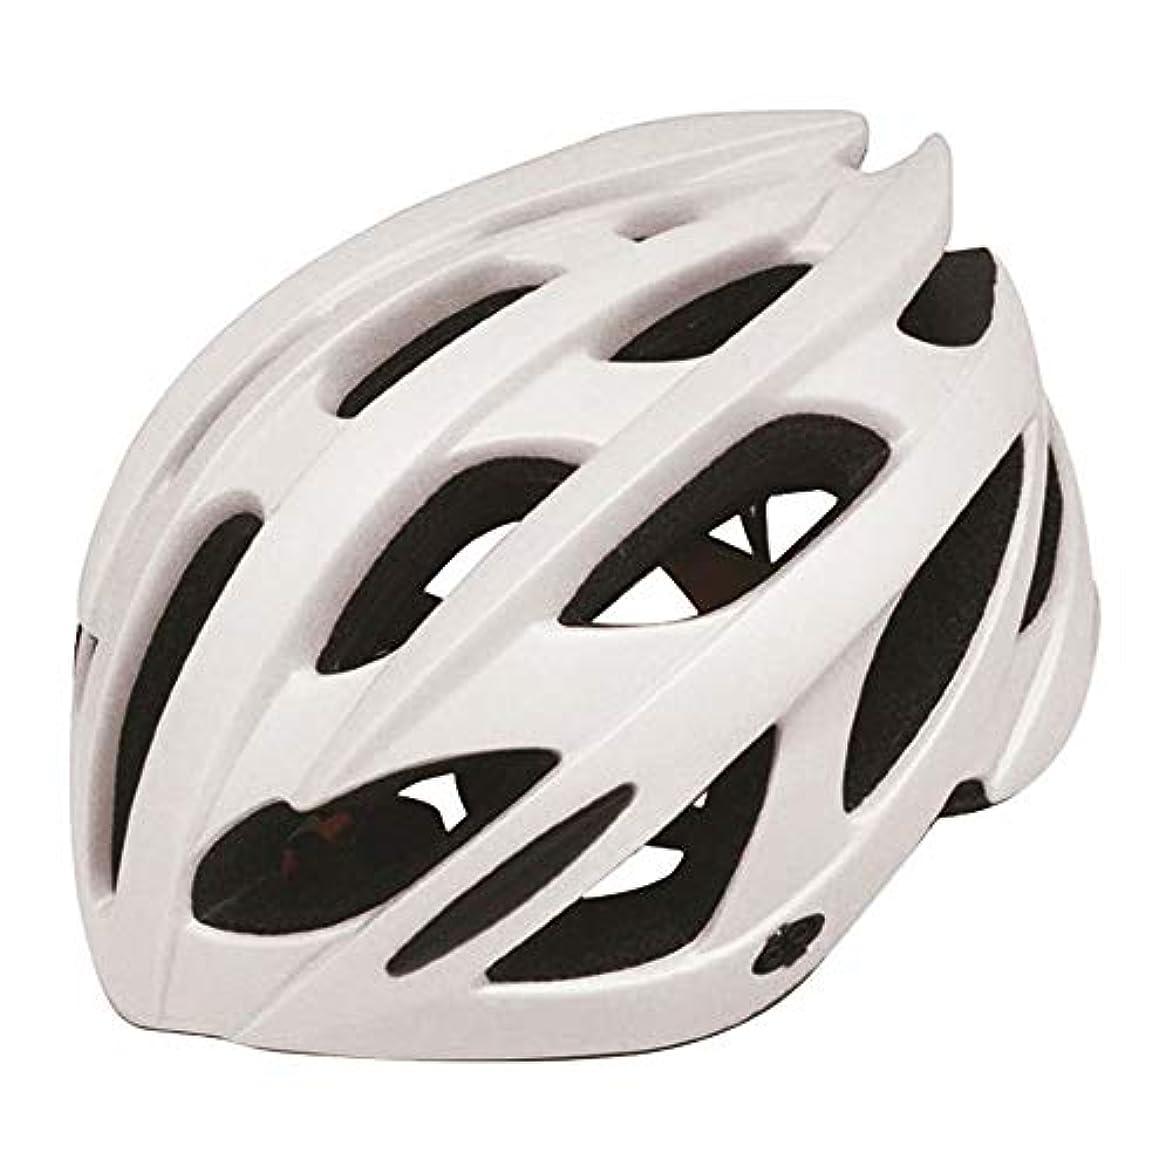 分割住む筋肉のHYH サンバイザー付きライト付きワンピース軽量マウンテンバイクヘルメット男性と女性の通気性ヘルメット いい人生 (Color : White)